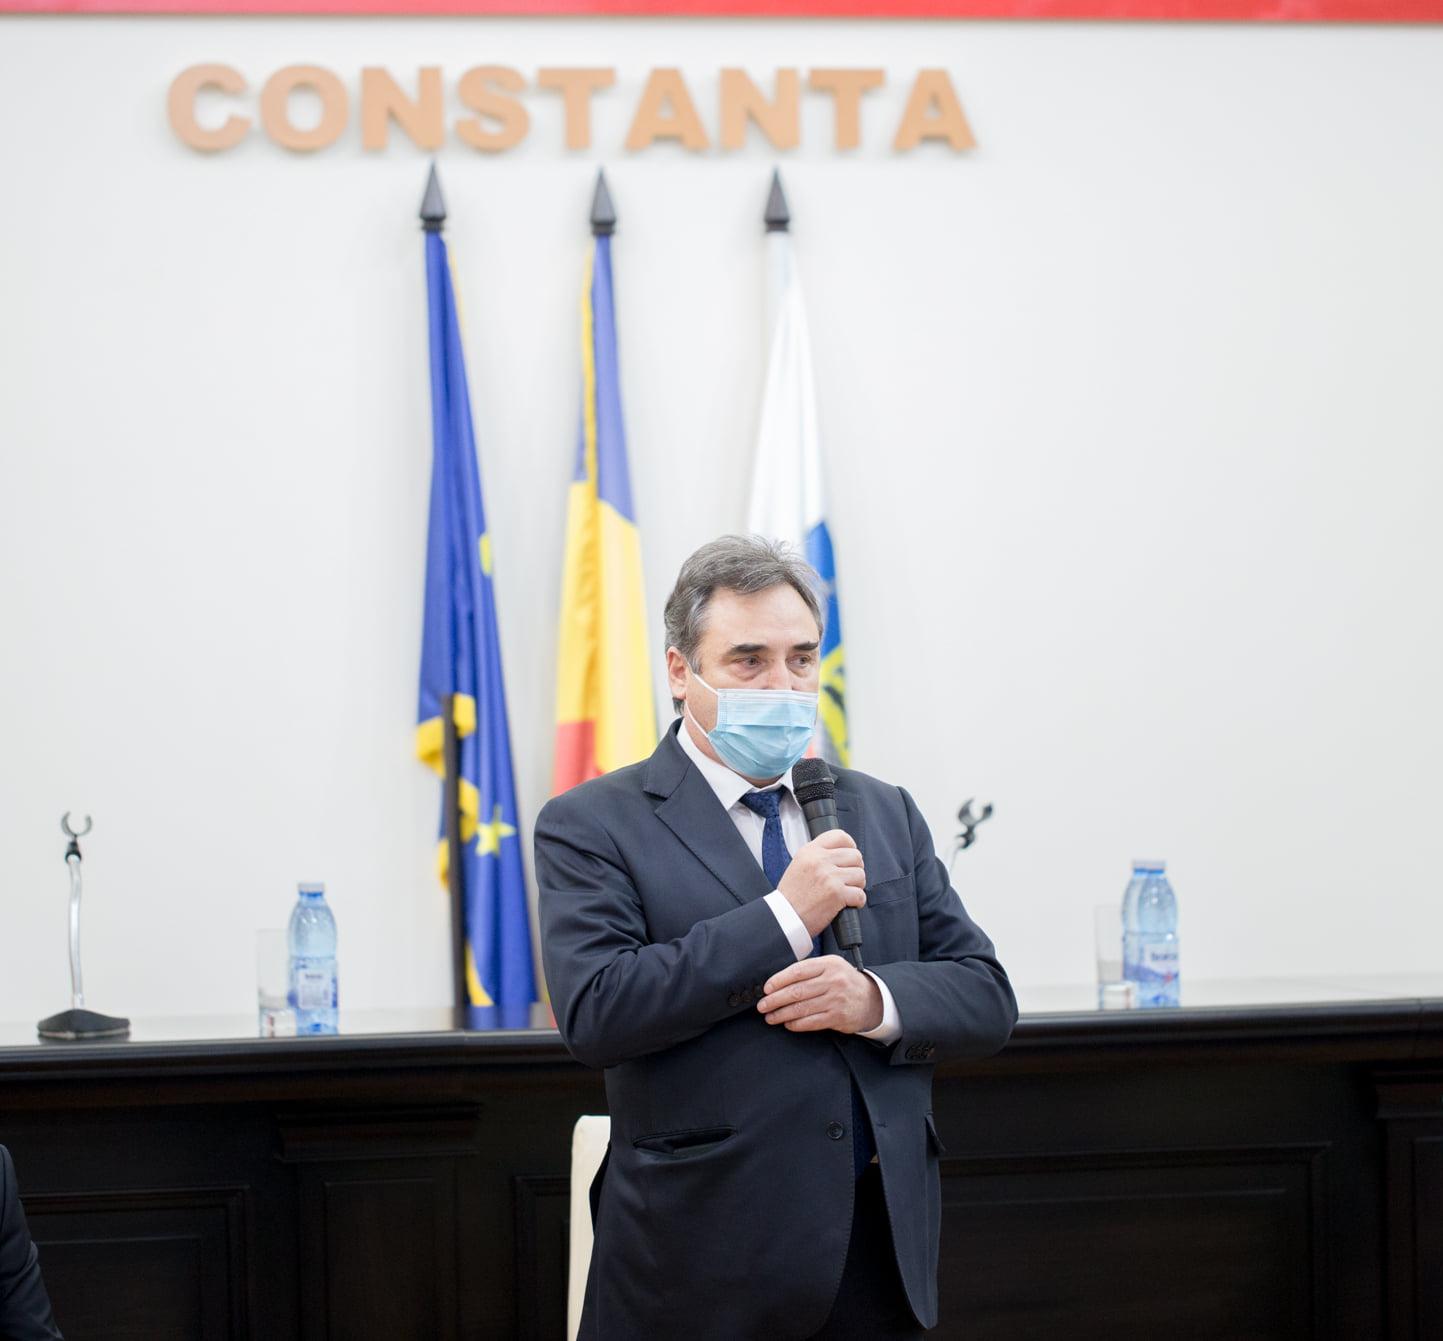 Președintele Consiliului Județean Constanța invită ONG-urile la o întâlnire oficială